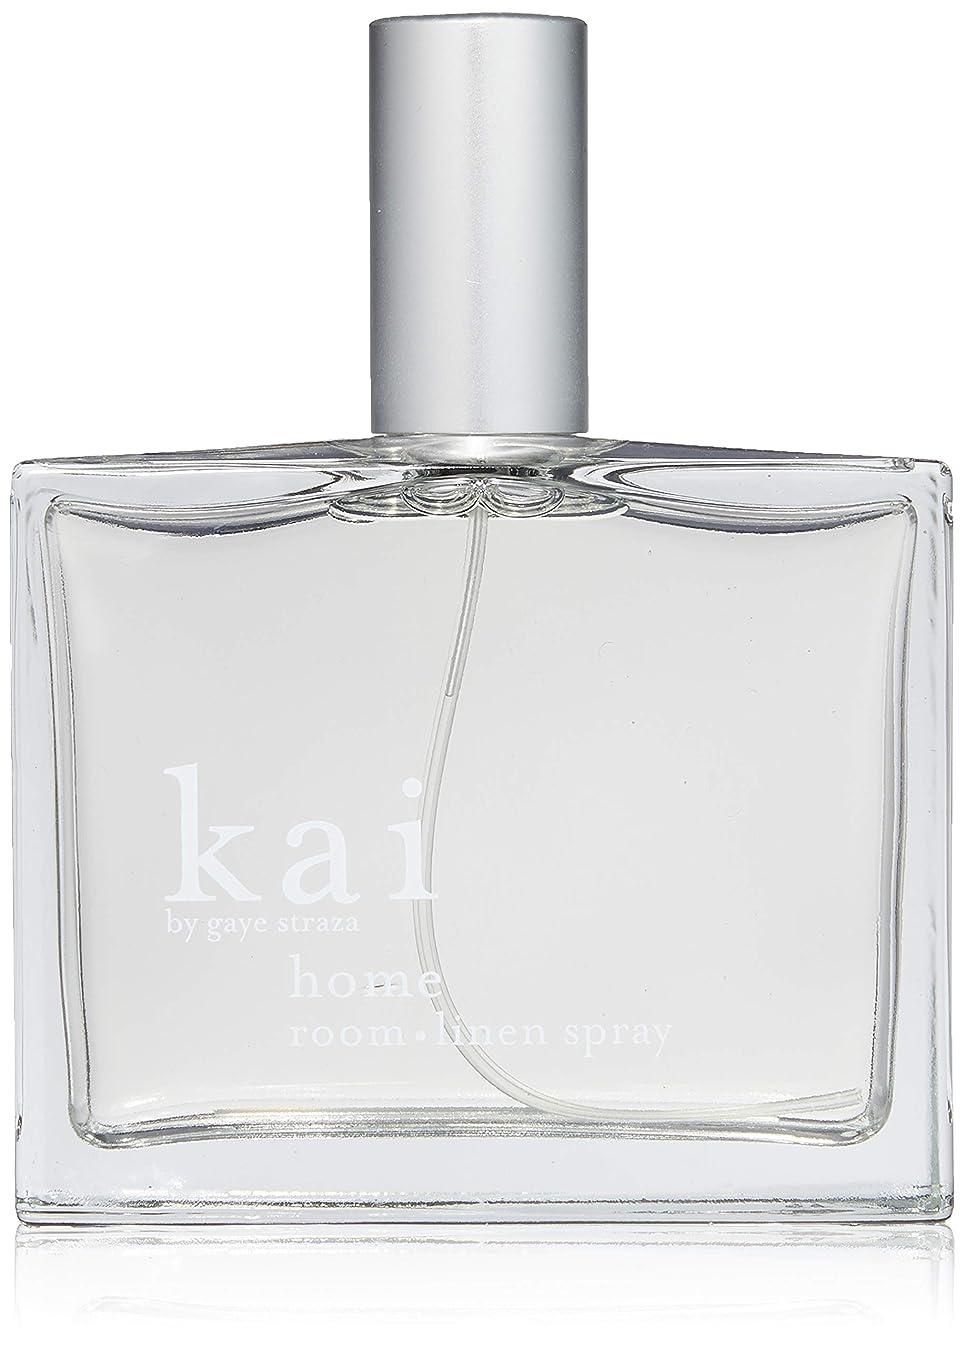 中級怒ってレイkai fragrance(カイ フレグランス) ルームリネンスプレー 100ml